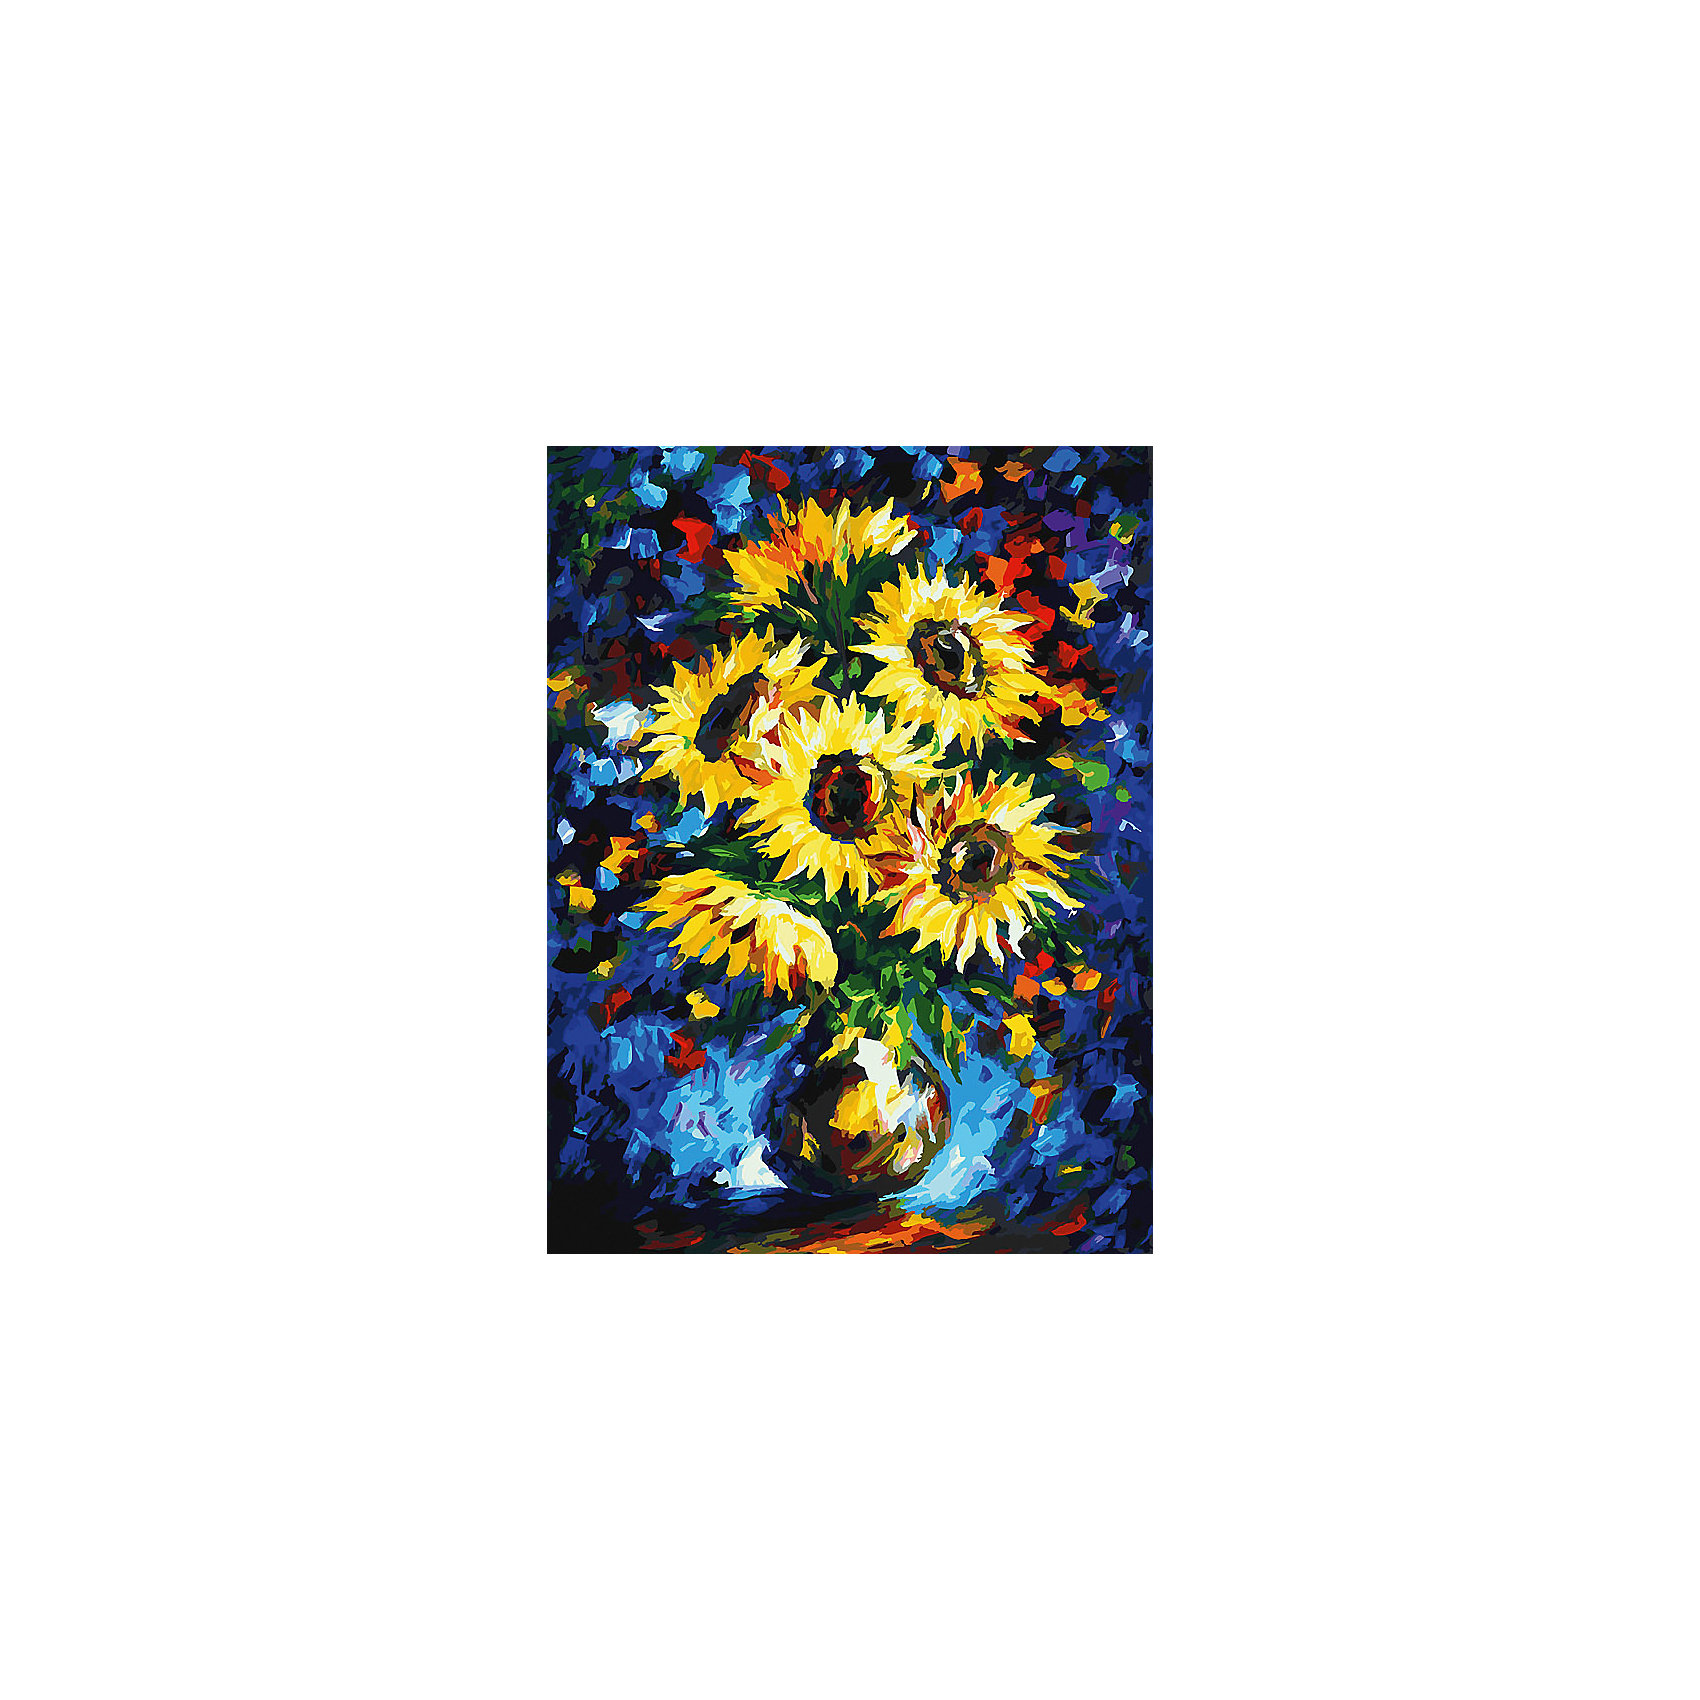 Живопись на холсте 30*40 см Ночные подсолнухиРисование<br>Характеристики товара:<br><br>• цвет: разноцветный<br>• материал: акрил, картон<br>• размер: 30 x 40 см<br>• комплектация: полотно на подрамнике с контурами рисунка, пробный лист с рисунком, набор акриловых красок, три кисти, крепление на стену для картины<br>• для детей от шести лет и взрослых<br>• не требует специальных навыков<br>• страна бренда: Китай<br>• страна изготовитель: Китай<br><br>Как с удовольствием и пользой провести время? Порисовать! Это занятие, которое любят многие дети и взрослые. Рисование помогает развить важные навыки и просто приносит удовольствие! Чтобы вселить в ребенка уверенность в своих силах, можно предложить ему этот набор - в нем уже есть сюжет, контуры рисунка и участки с номерами, которые обозначают определенную краску из набора. Все оттенки уже готовы, задача художника - аккуратно, с помощью кисточек из набора, нанести краски на определенный участок полотна.<br>Взрослым также понравится этот процесс, рисовать можно и вместе с малышом! В итоге получается красивая картина, которой можно украсить интерьер. Рисование способствует развитию мелкой моторики, воображения, цветовосприятия, творческих способностей и усидчивости. Набор отлично проработан, сделан из качественных и проверенных материалов, которые безопасны для детей. Краски - акриловые, они быстро сохнут и легко смываются с кожи.<br><br>Живопись на холсте 30*40 см Ночные подсолнухи от торговой марки Белоснежка можно купить в нашем интернет-магазине.<br><br>Ширина мм: 410<br>Глубина мм: 310<br>Высота мм: 25<br>Вес г: 567<br>Возраст от месяцев: 72<br>Возраст до месяцев: 144<br>Пол: Унисекс<br>Возраст: Детский<br>SKU: 5089710